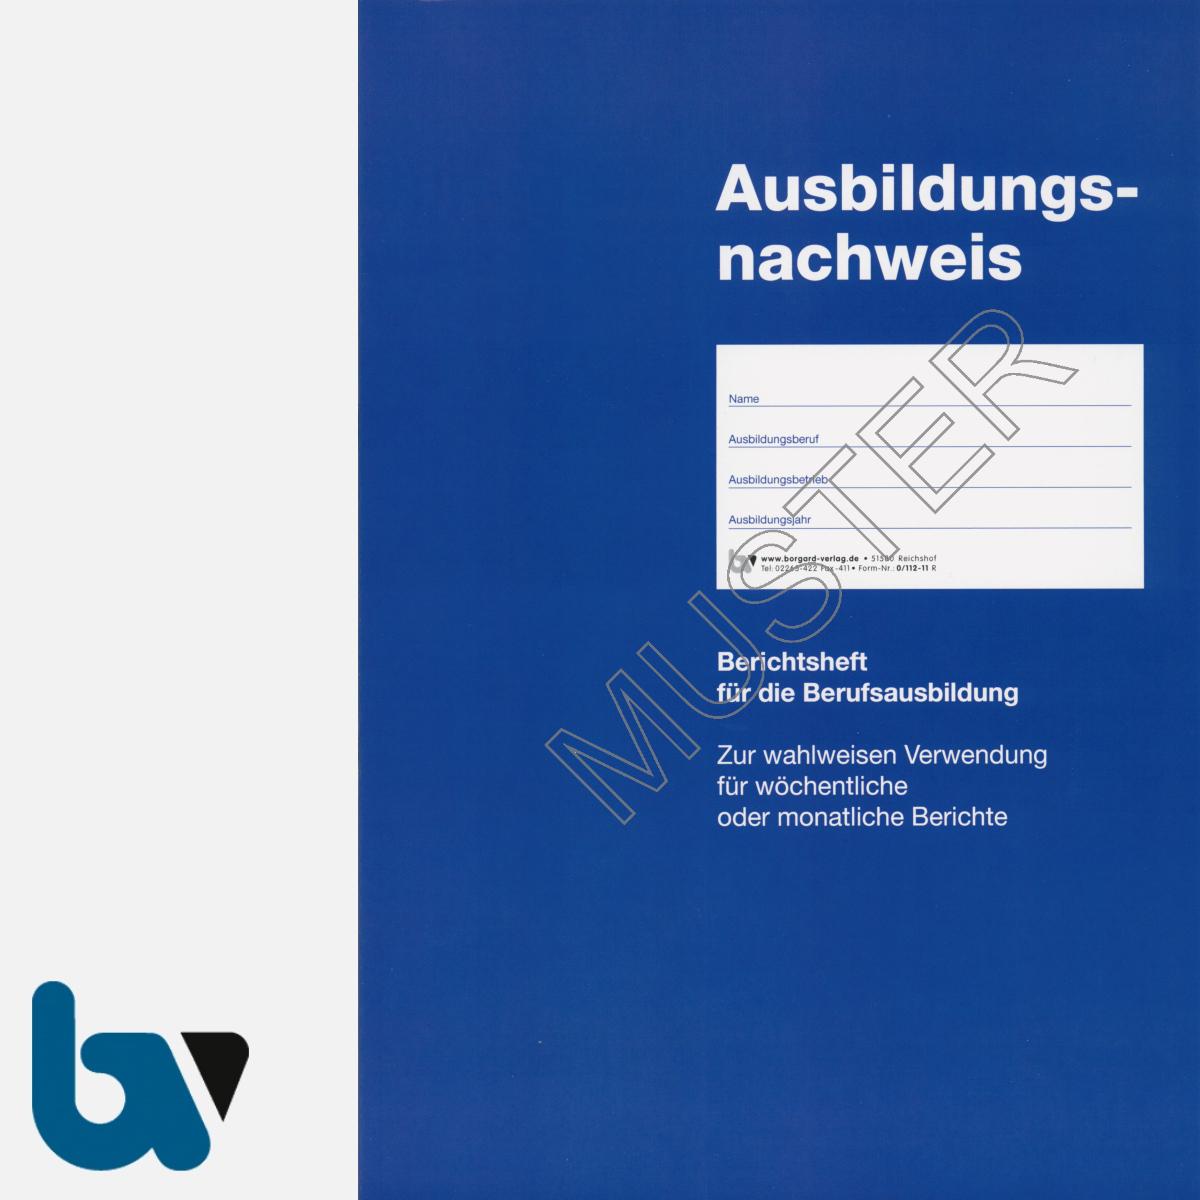 0/112-11 Ausbildungsnachweis Heft Bericht Beruf Ausbildung DIN A4 Vorderseite | Borgard Verlag GmbH